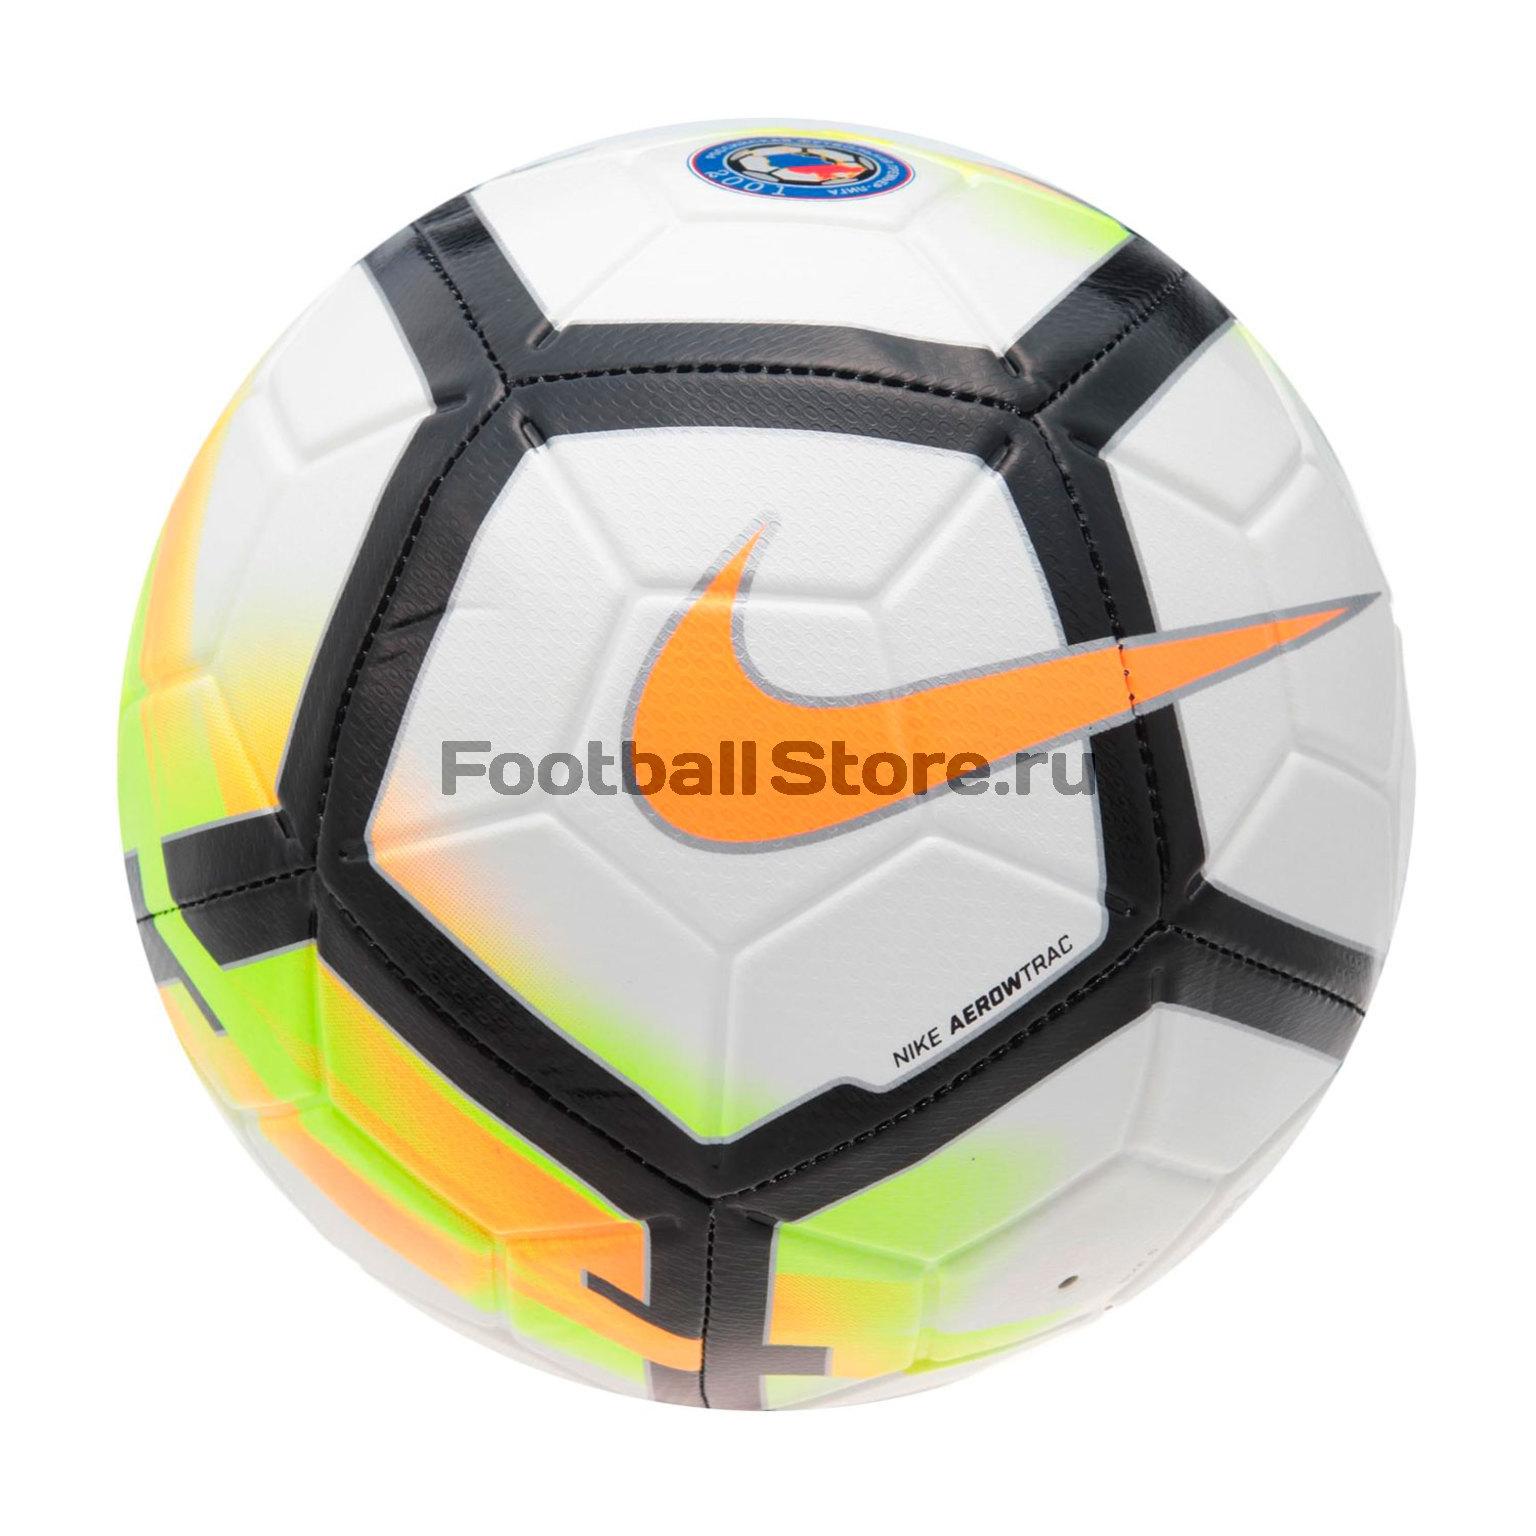 Футбольный мяч Nike RPL Strike SC3489-100 nike мяч футбольный nike strike team размер 4